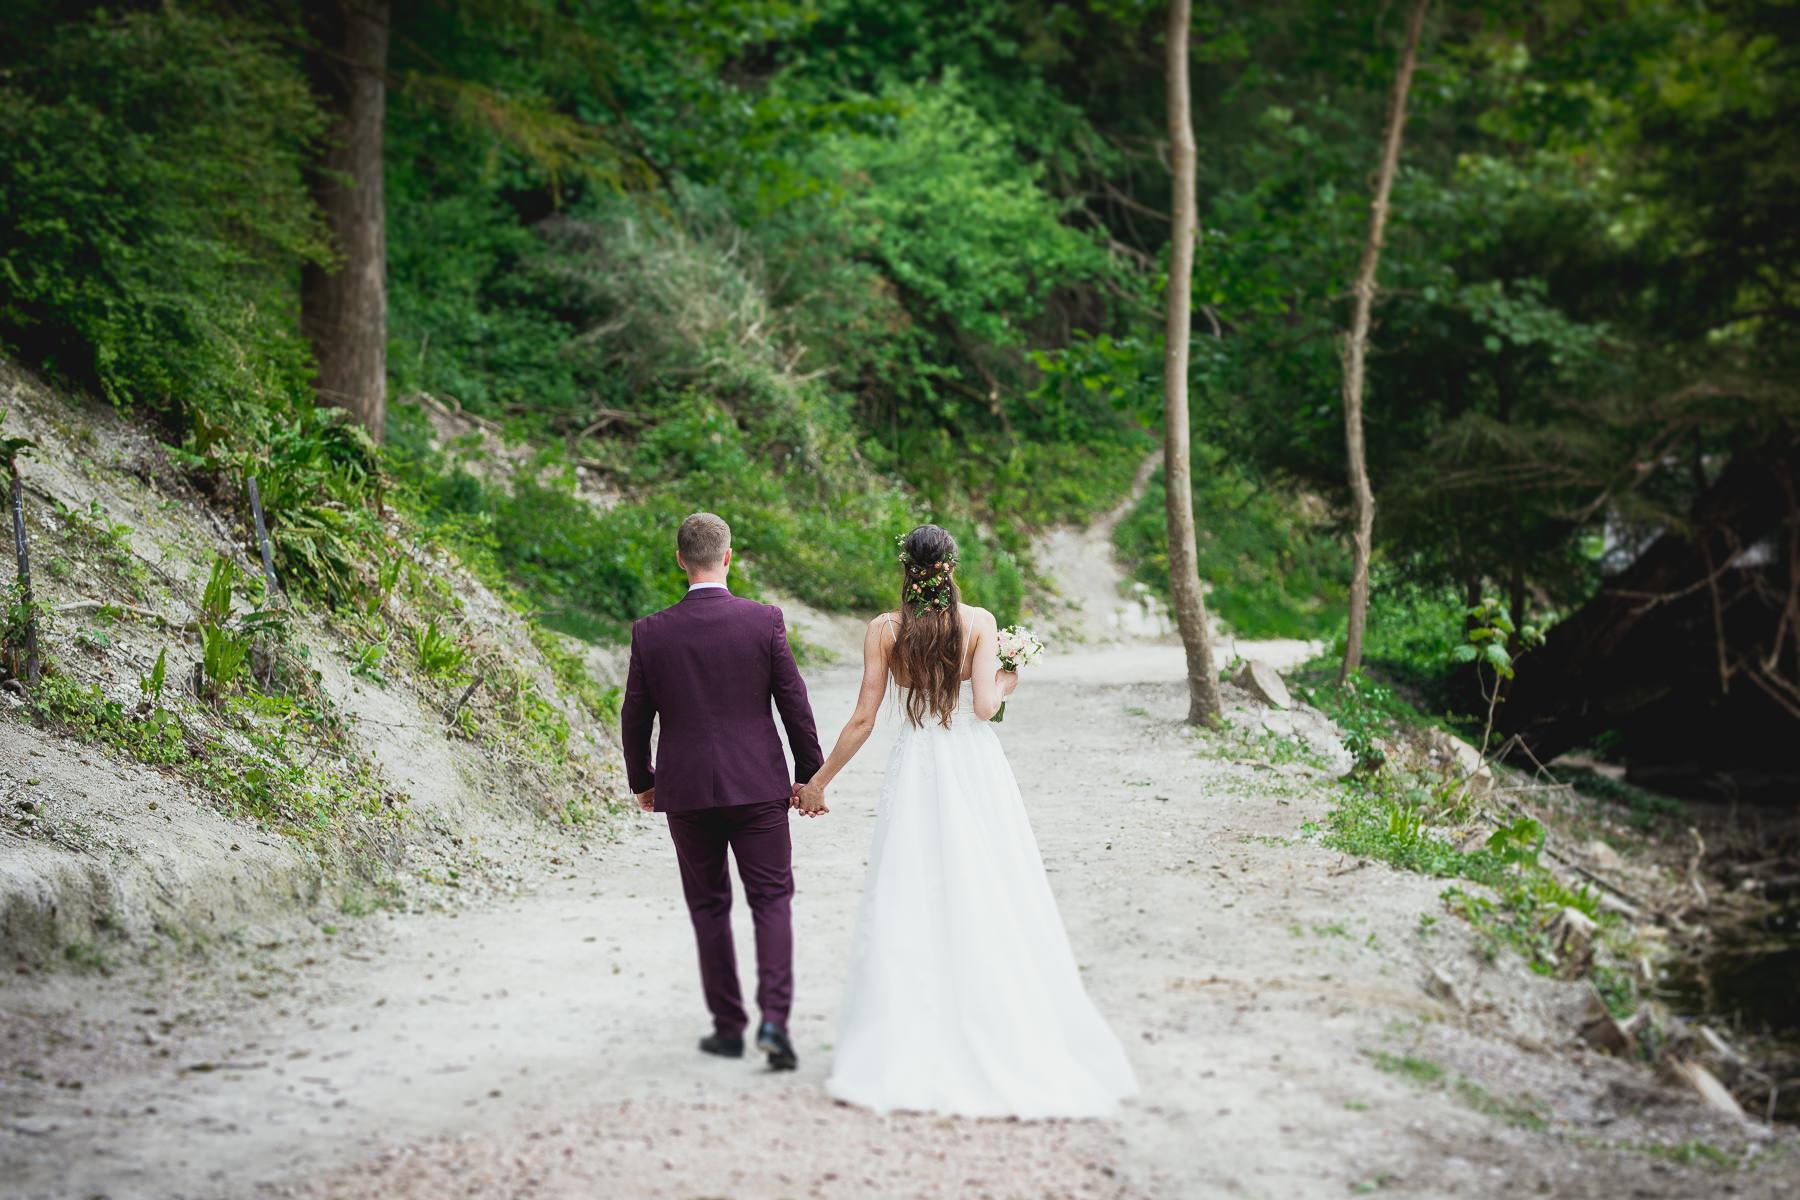 Dangira & Ignas Chichester Weddings VILCINSKAITE PHOTO 14.jpg